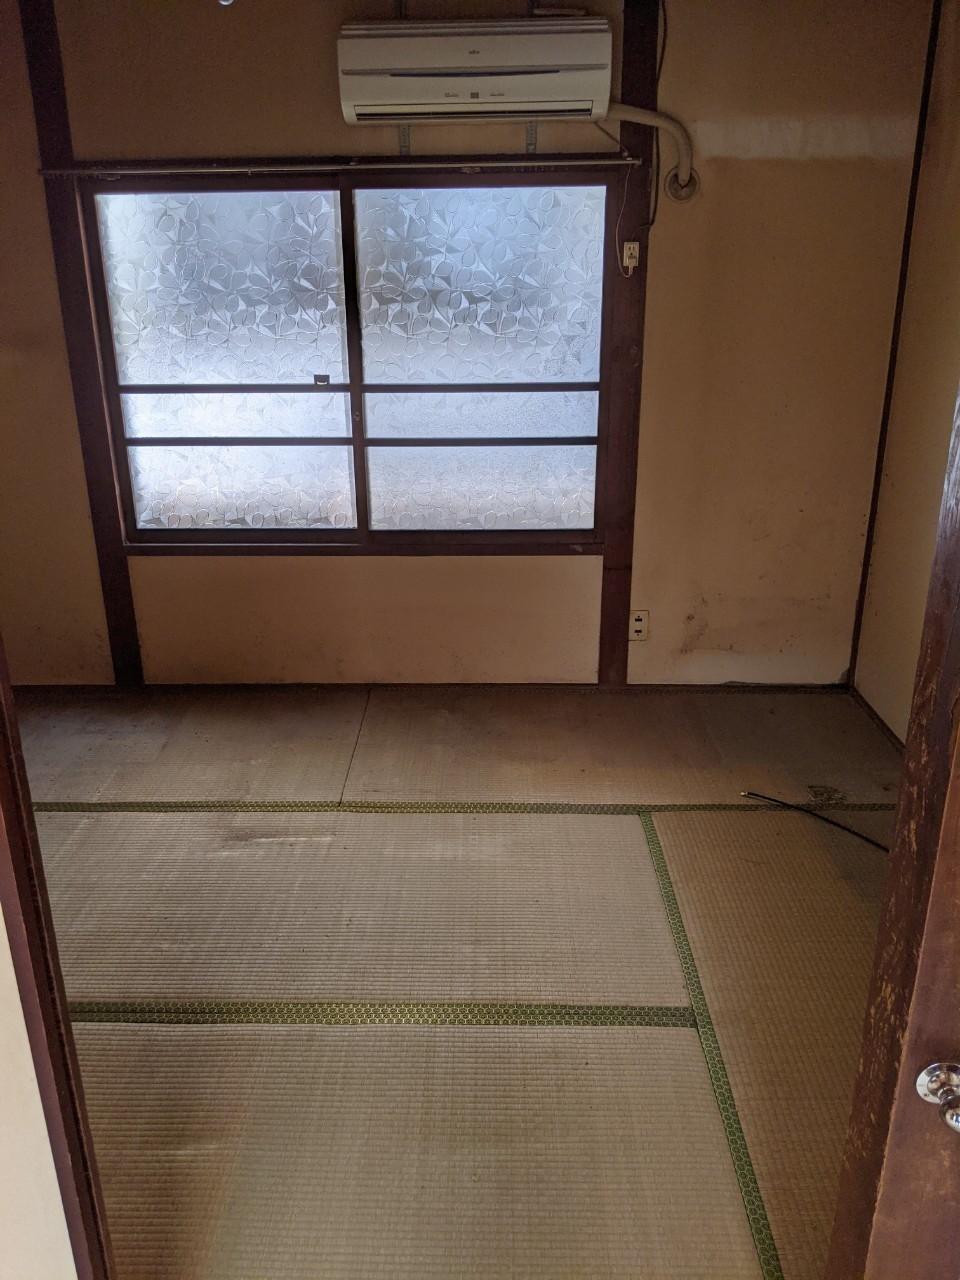 福山市 ゴミ屋敷整理 空家整理 片付け及び撤去